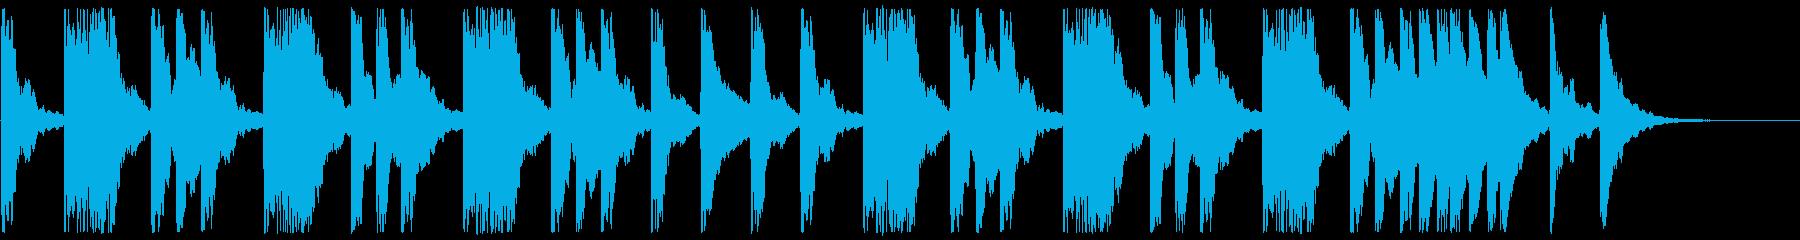 哀しみ系のピアノ曲です。の再生済みの波形